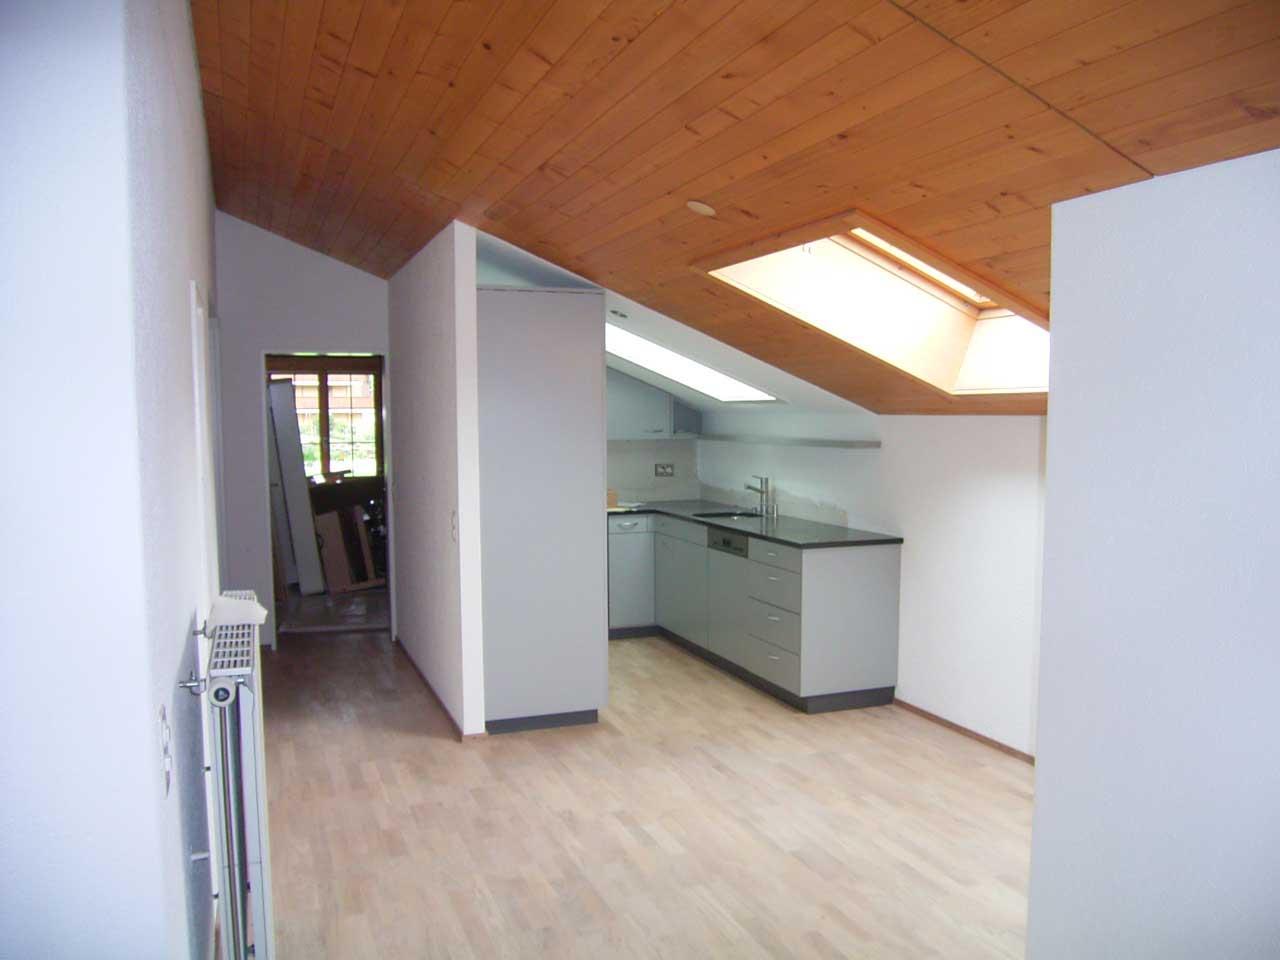 Bodenbelage Kuche Wohnzimmer So Gehts Nicht Ubergang Fliesen Zu